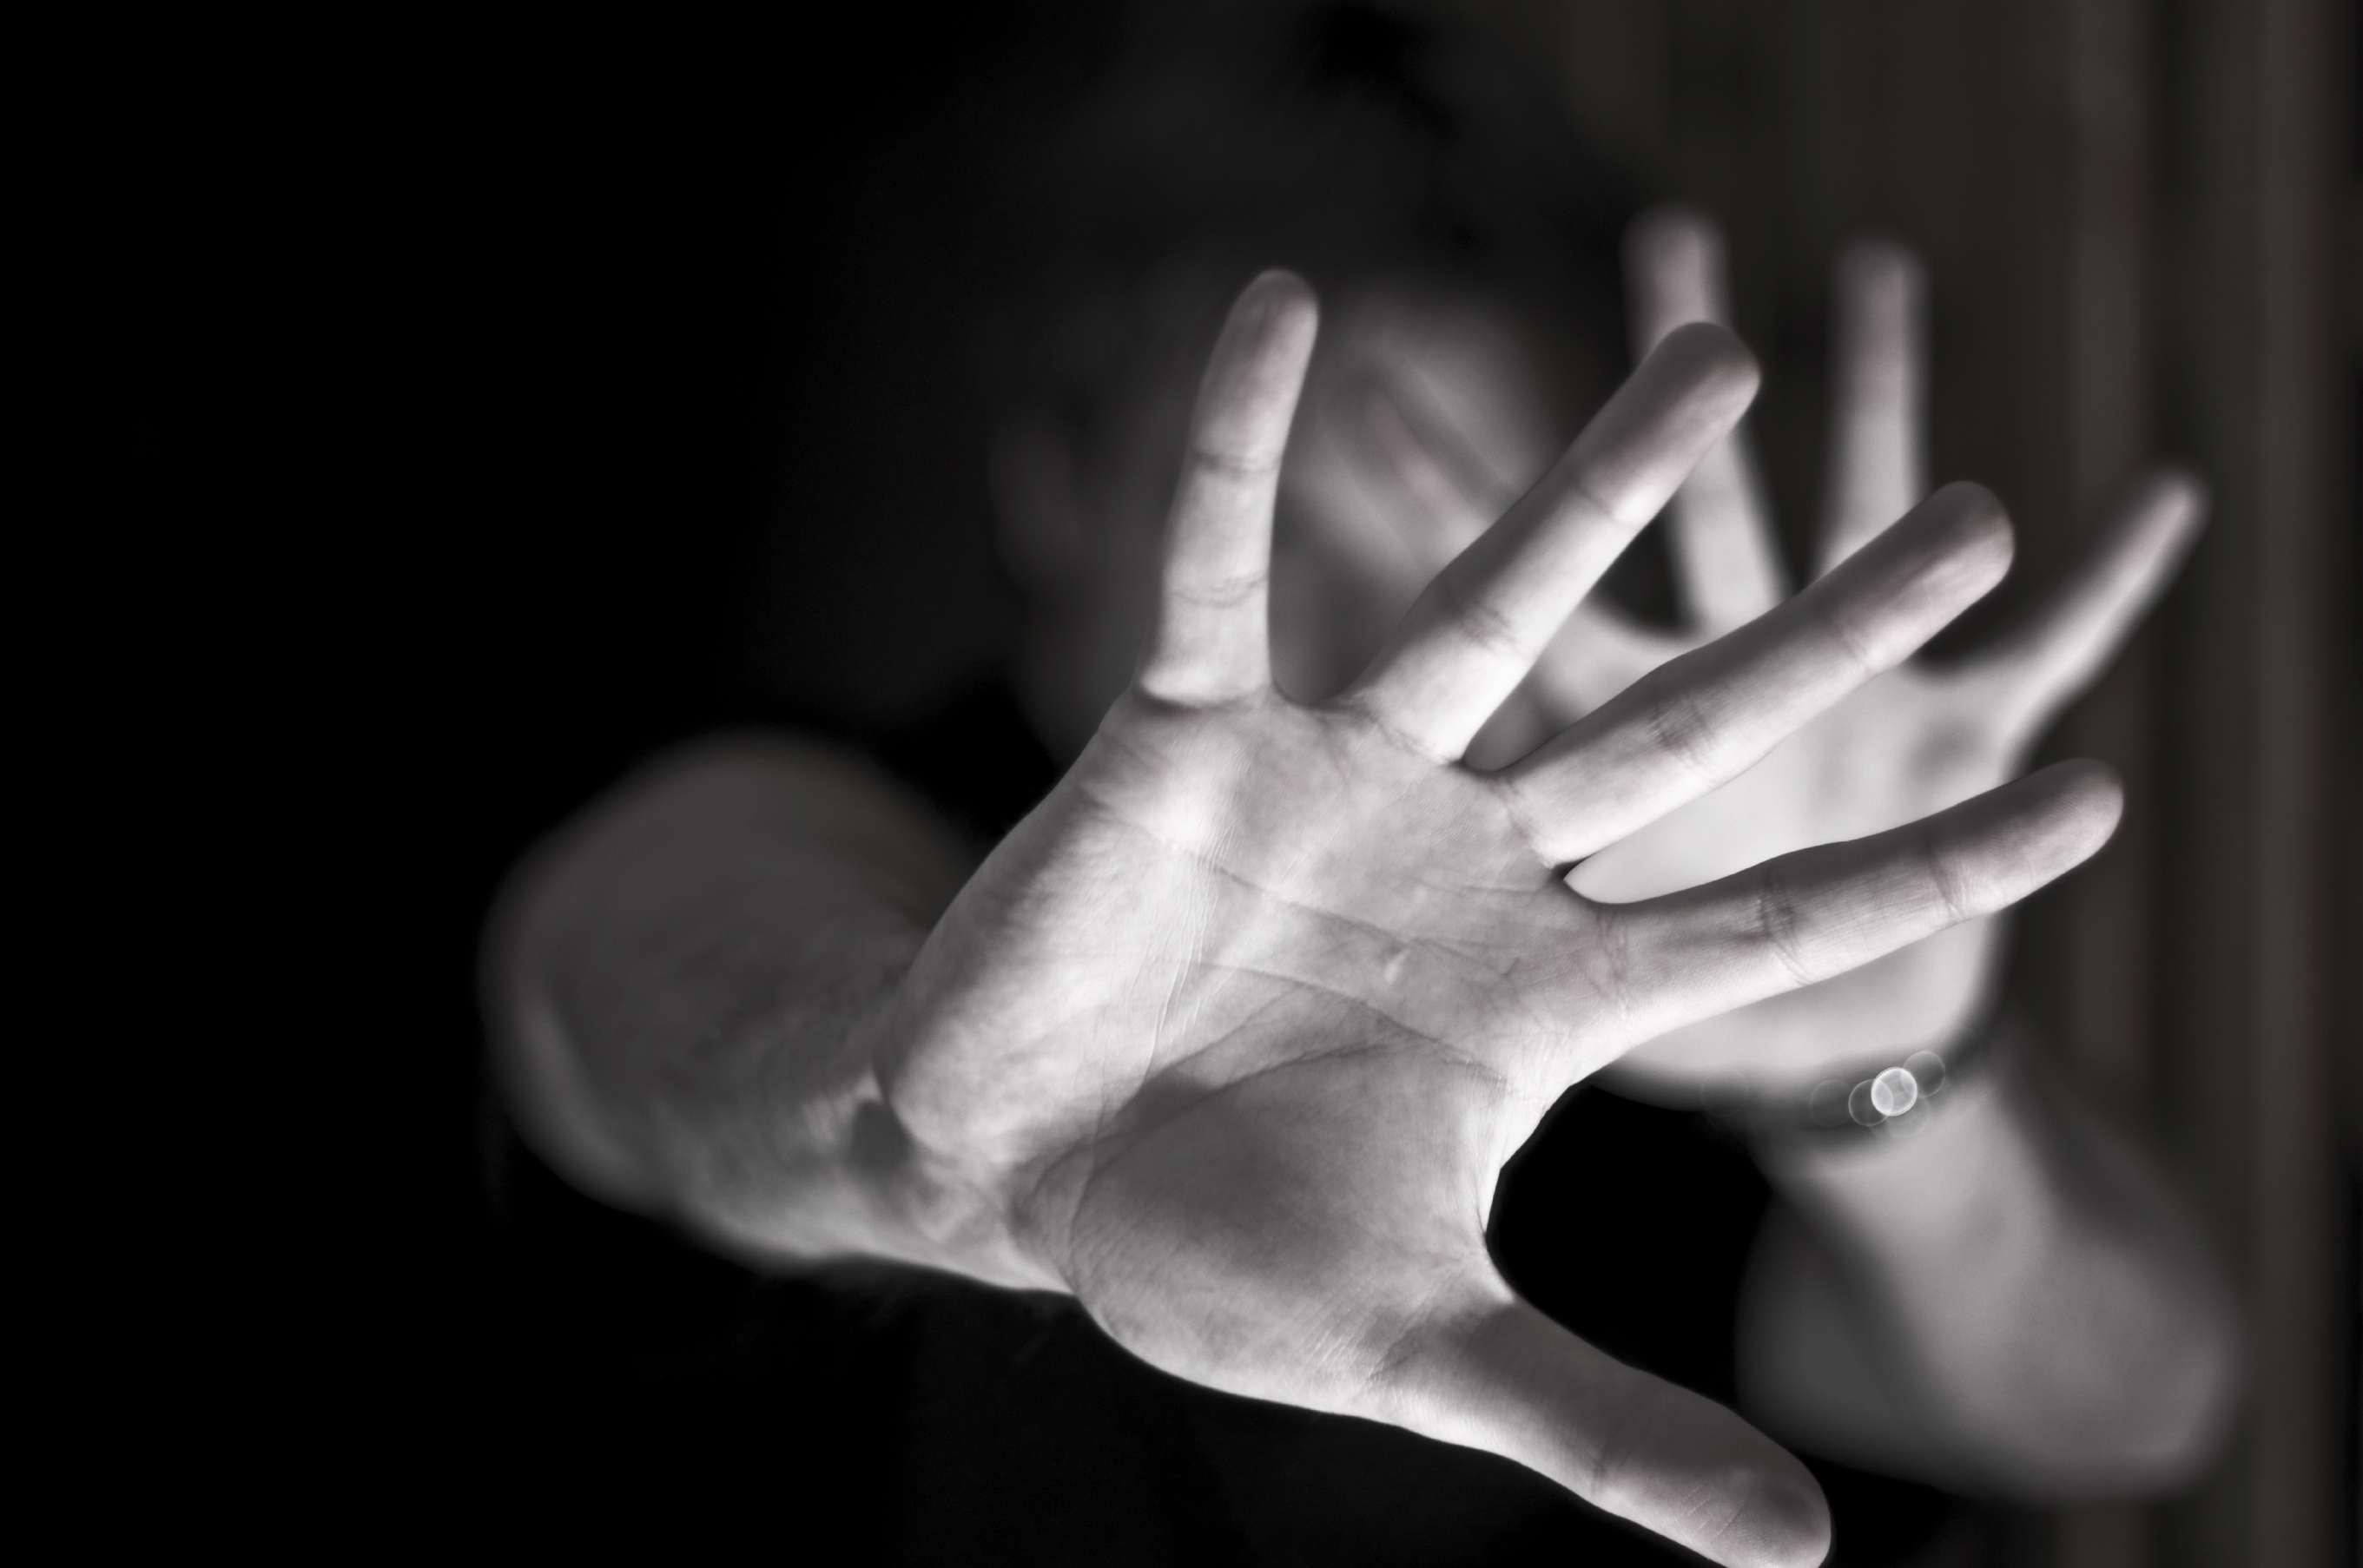 Shqetësuese, dyfishohen rastet e dhunës në familje në Suharekë